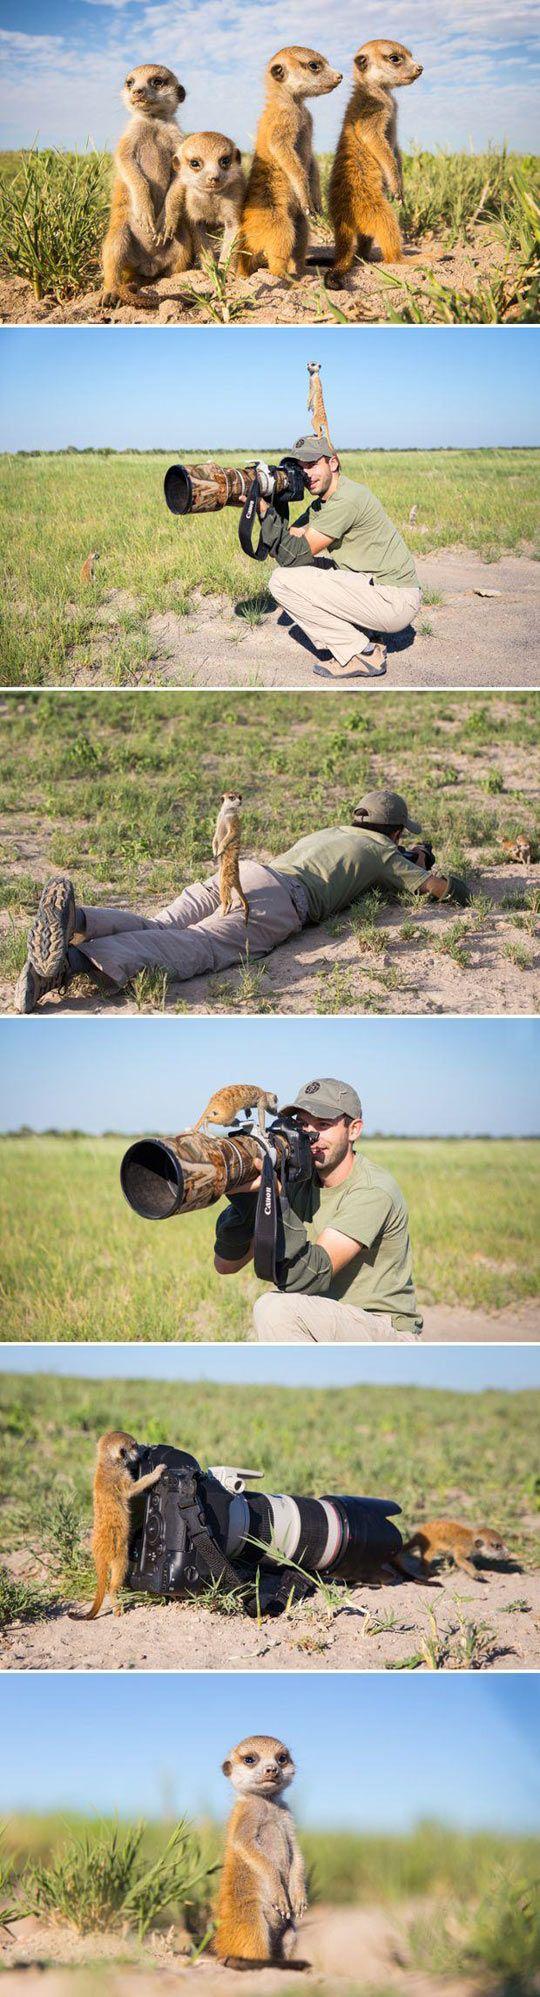 Baby Meerkats Meet Photographer